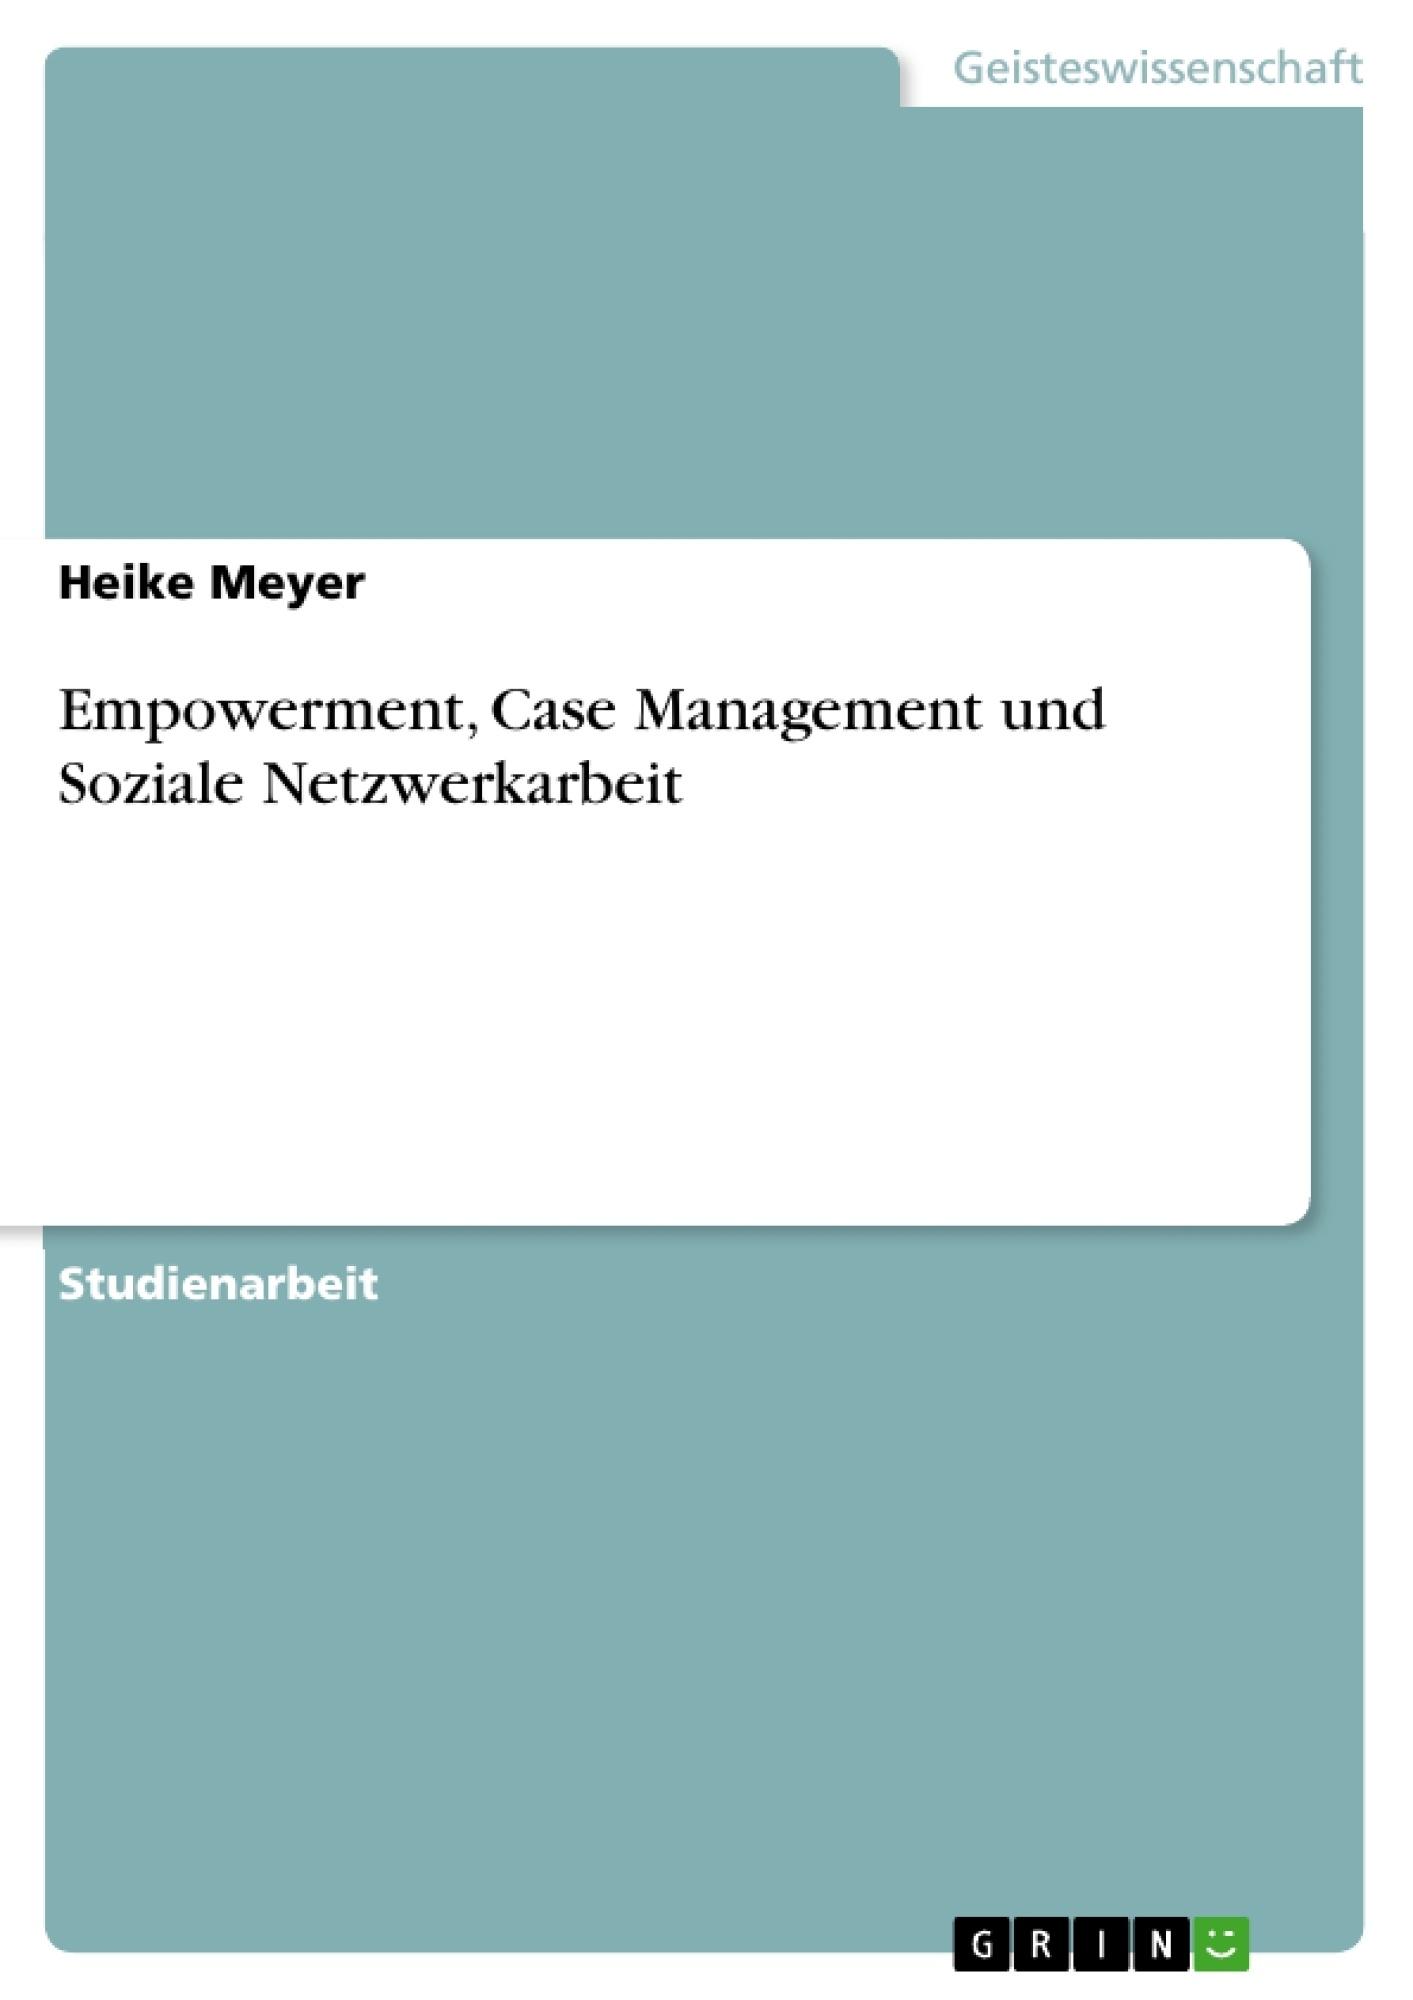 Titel: Empowerment, Case Management und Soziale Netzwerkarbeit